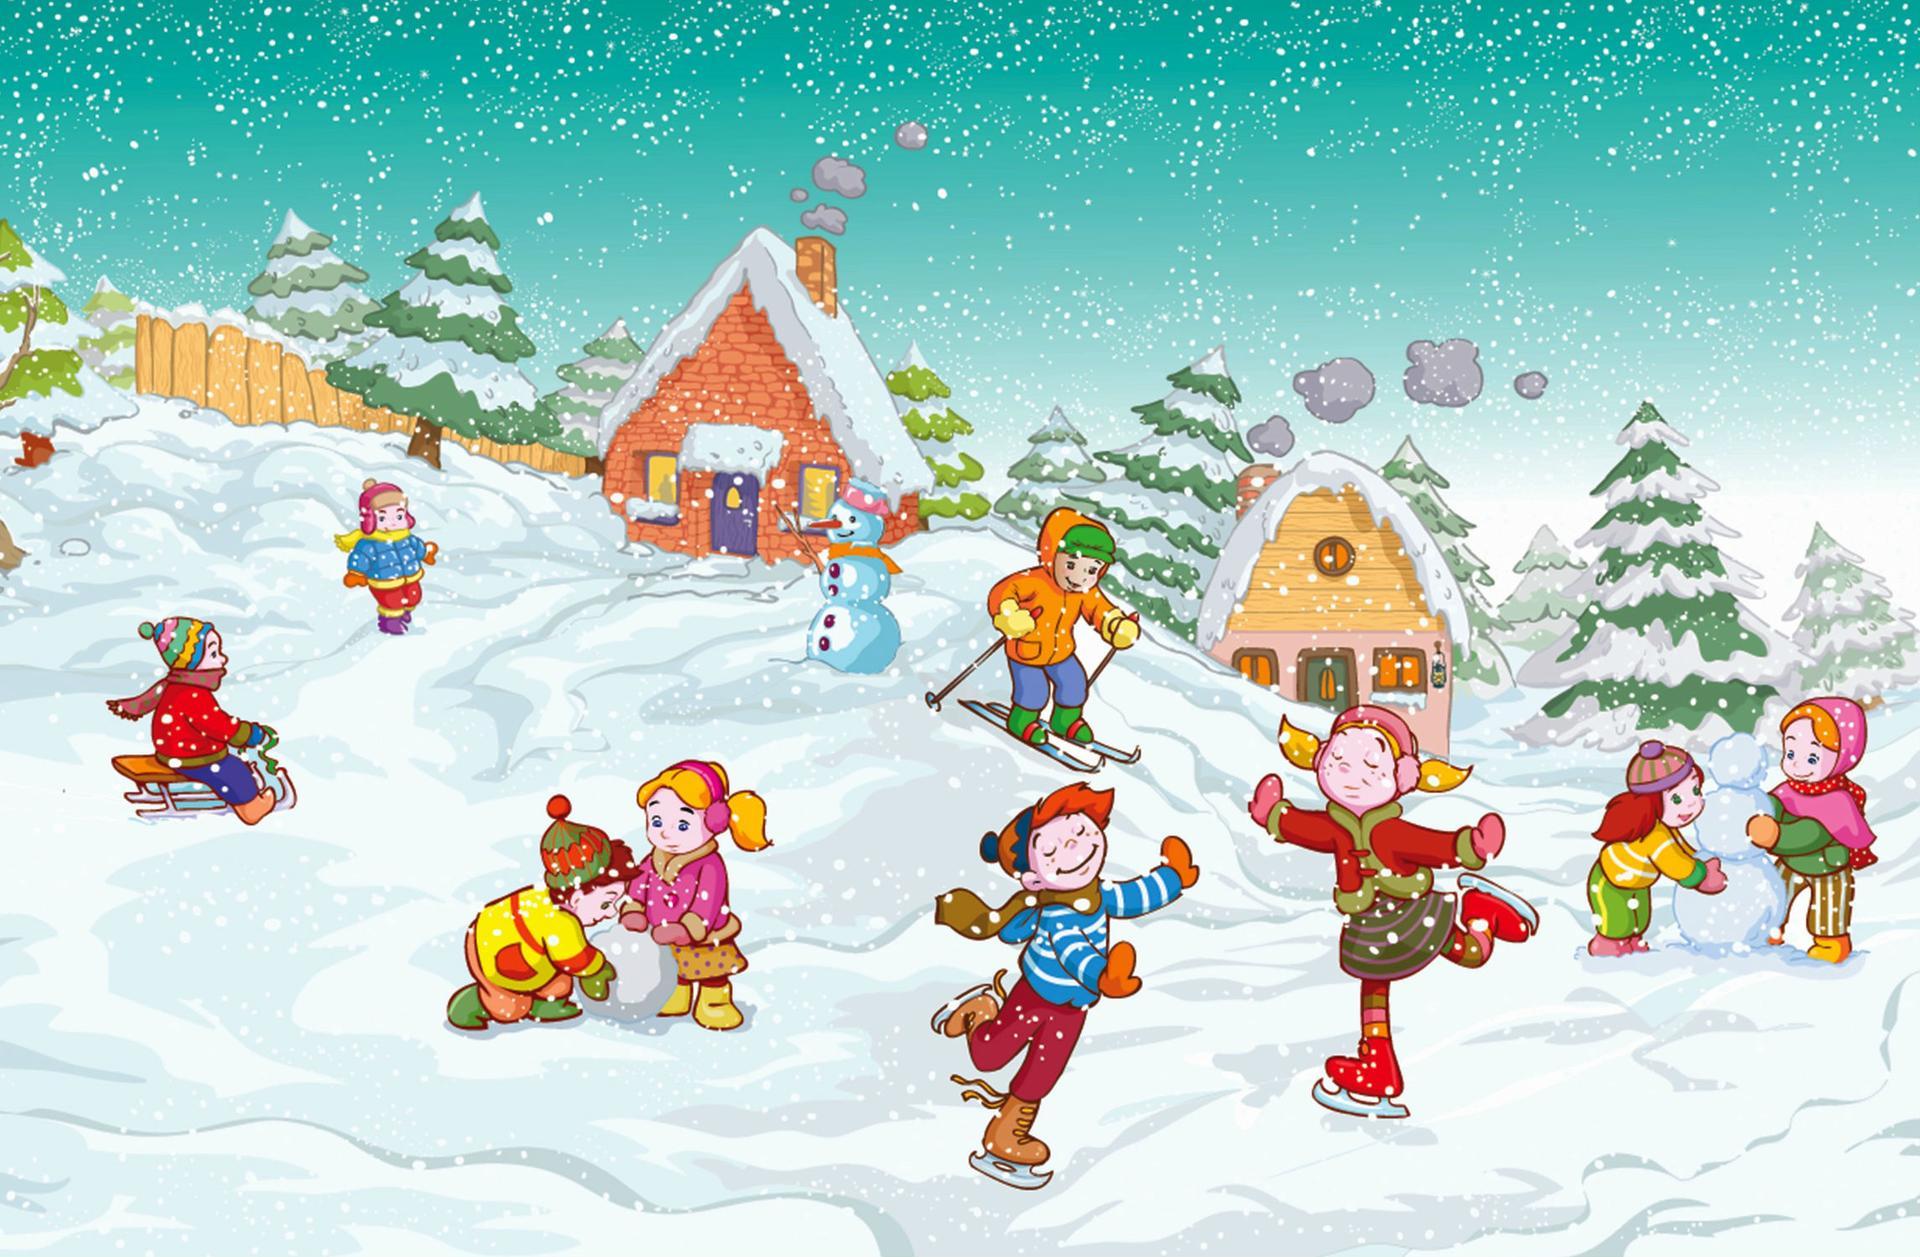 Нарисованные картинки для детей зима